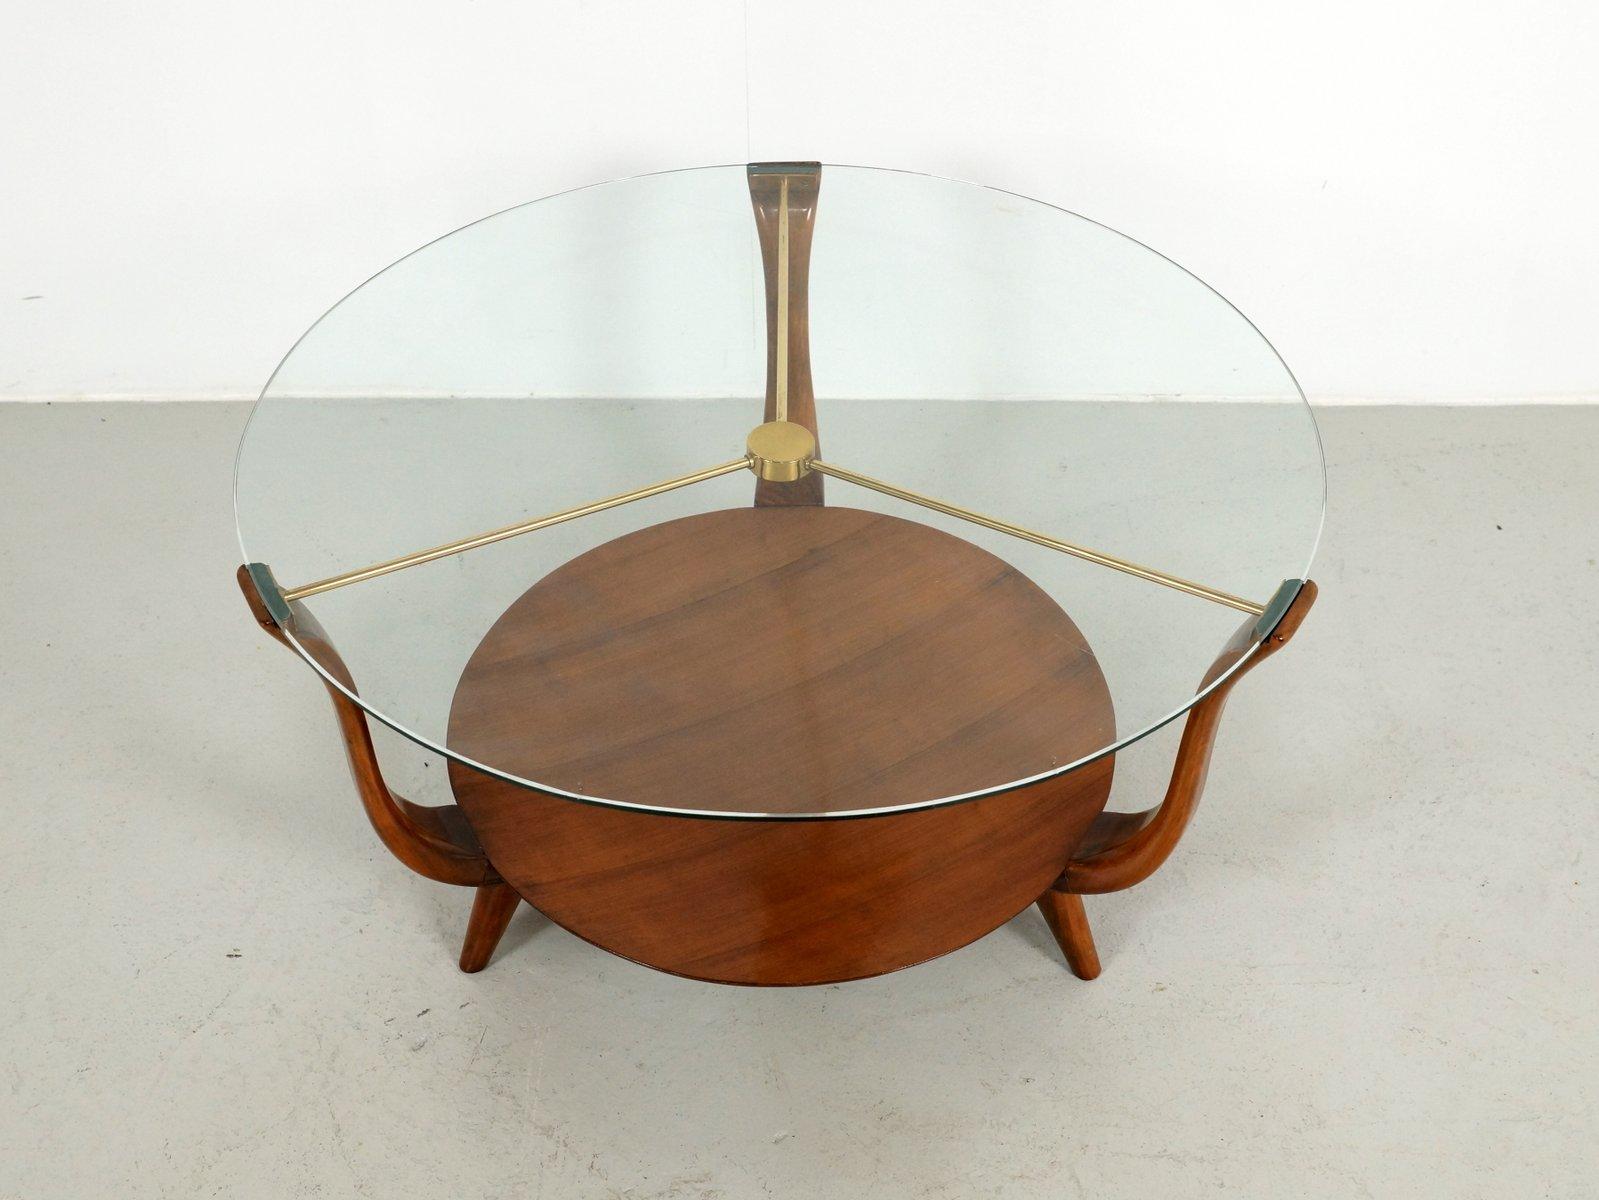 runder italienischer couchtisch aus walnuss messing glas 1950er bei pamono kaufen. Black Bedroom Furniture Sets. Home Design Ideas